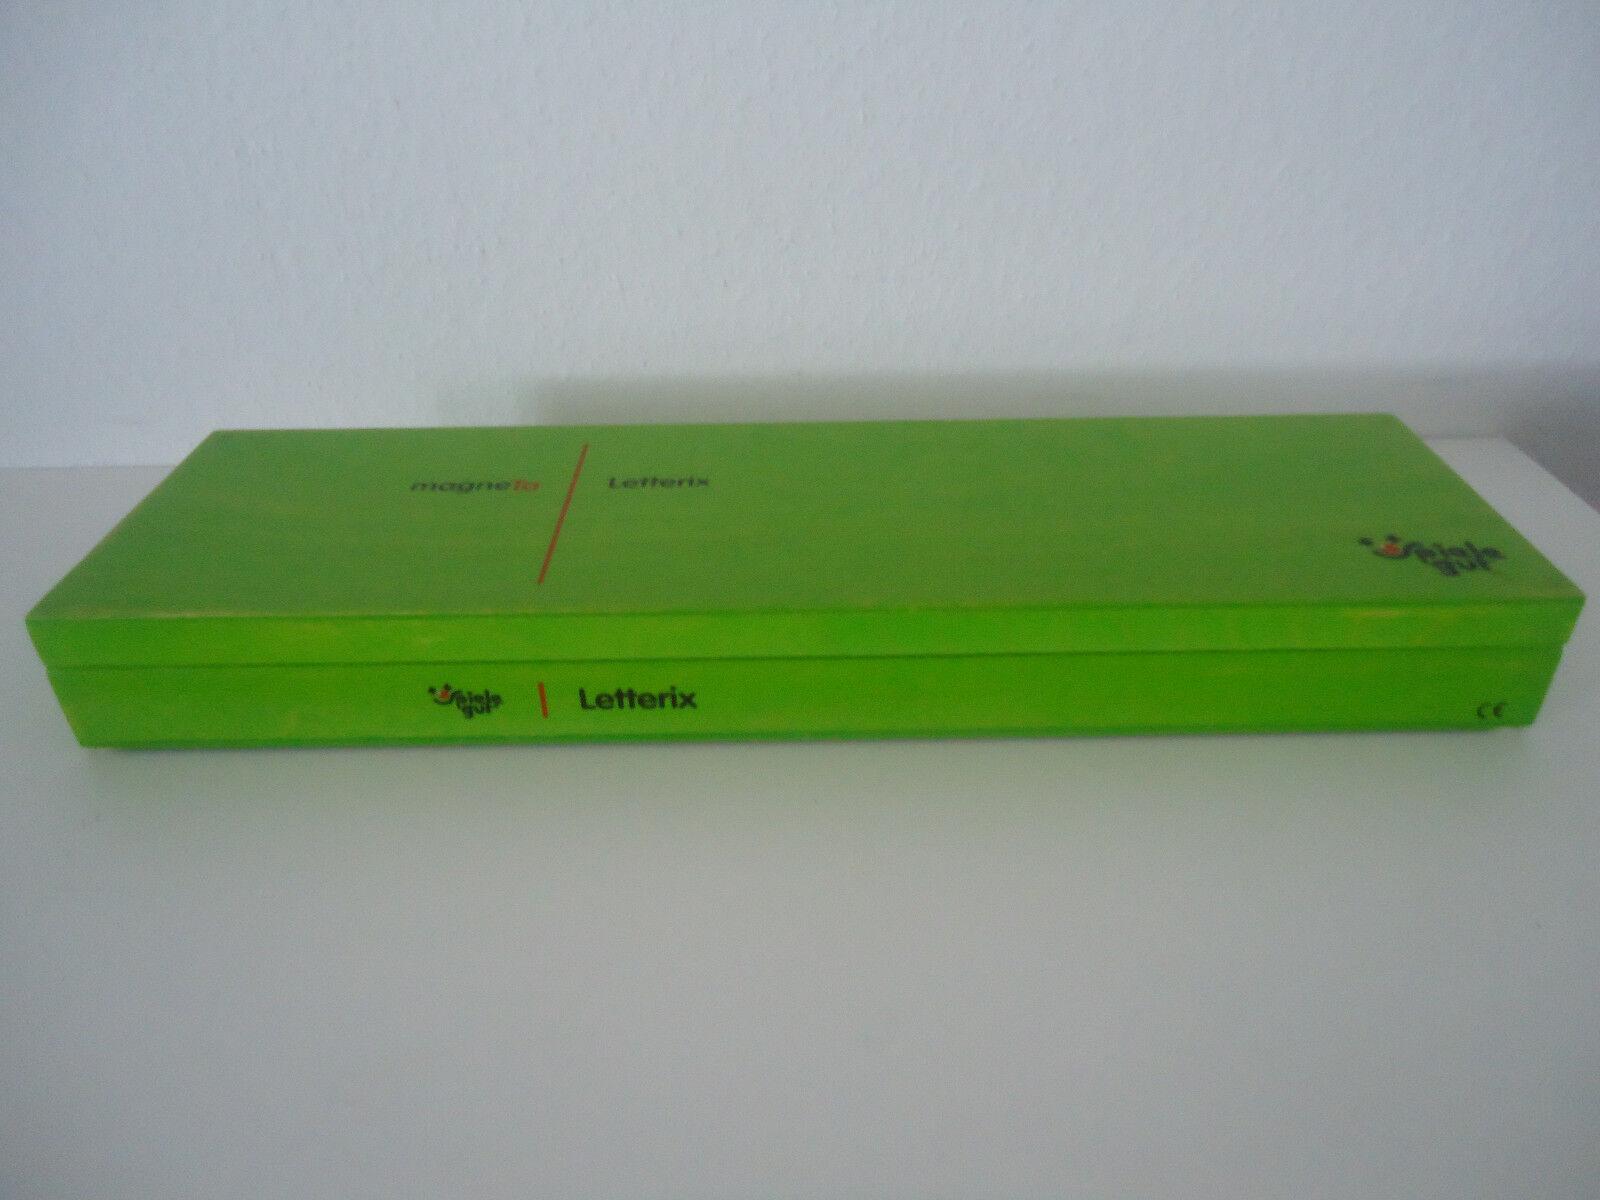 MAGNETA LETTERFIX SPIELEGUT Kindergarten Lernspielzeug Dialog + Form Weimar 2006